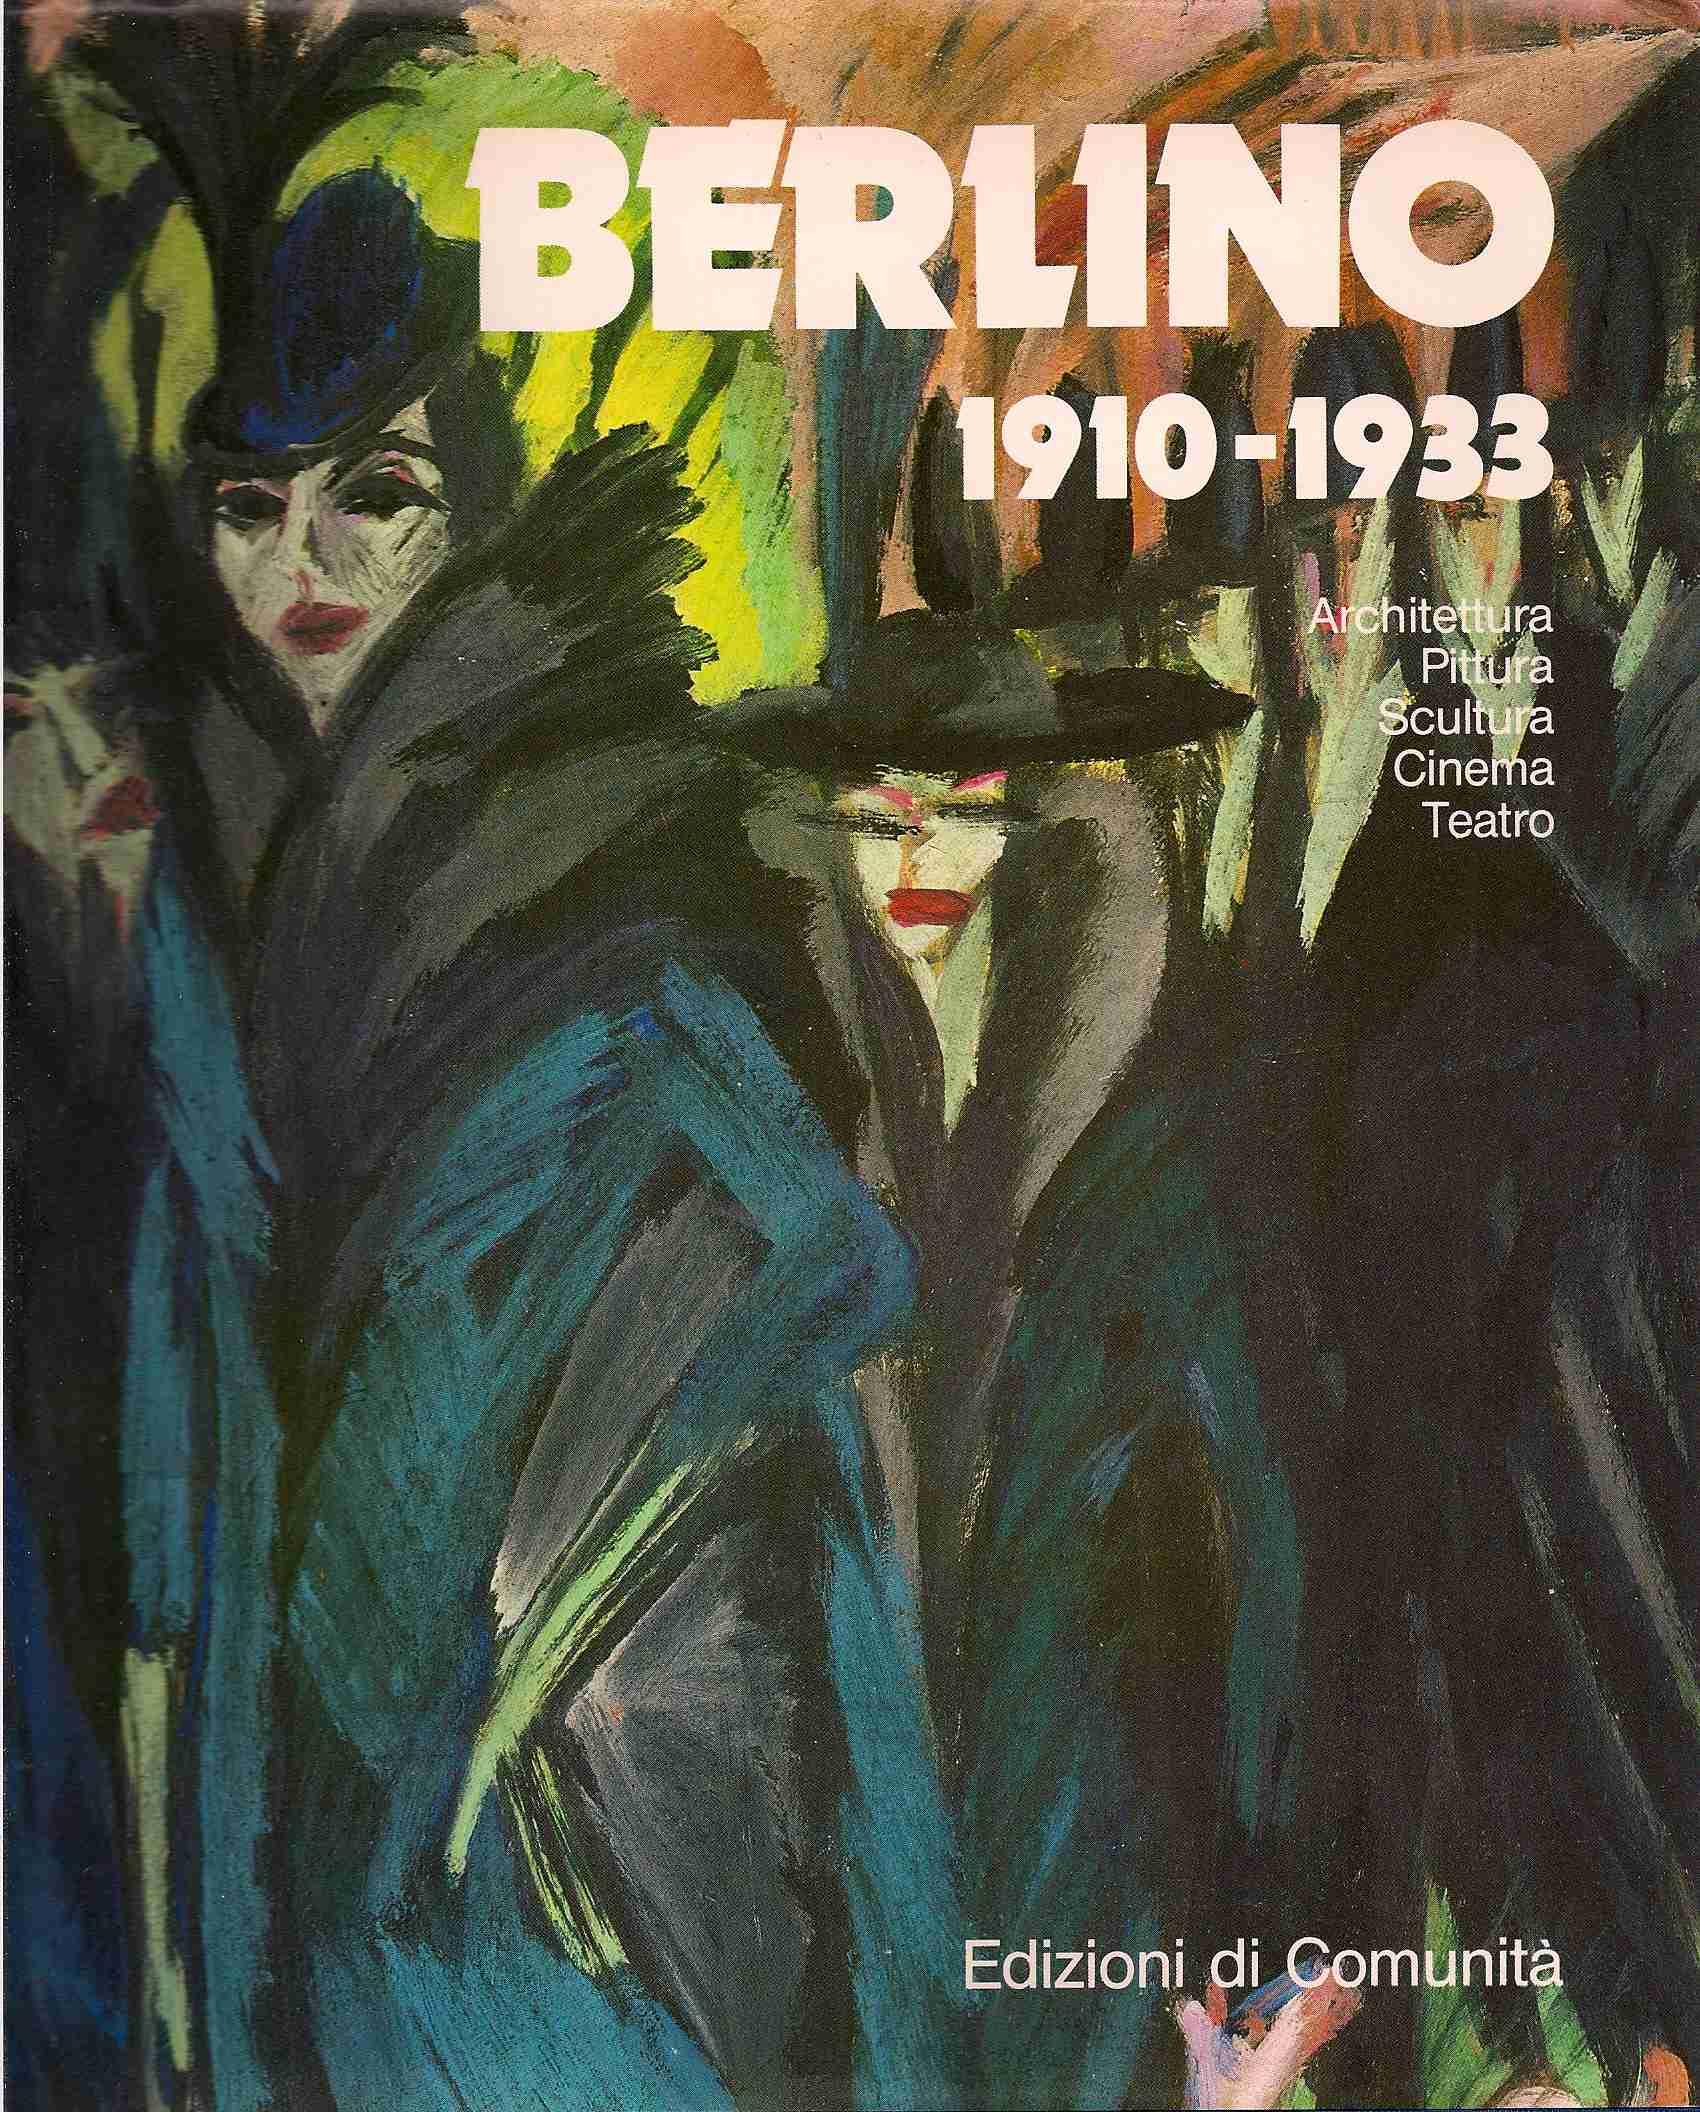 Berlino (1910-1933)